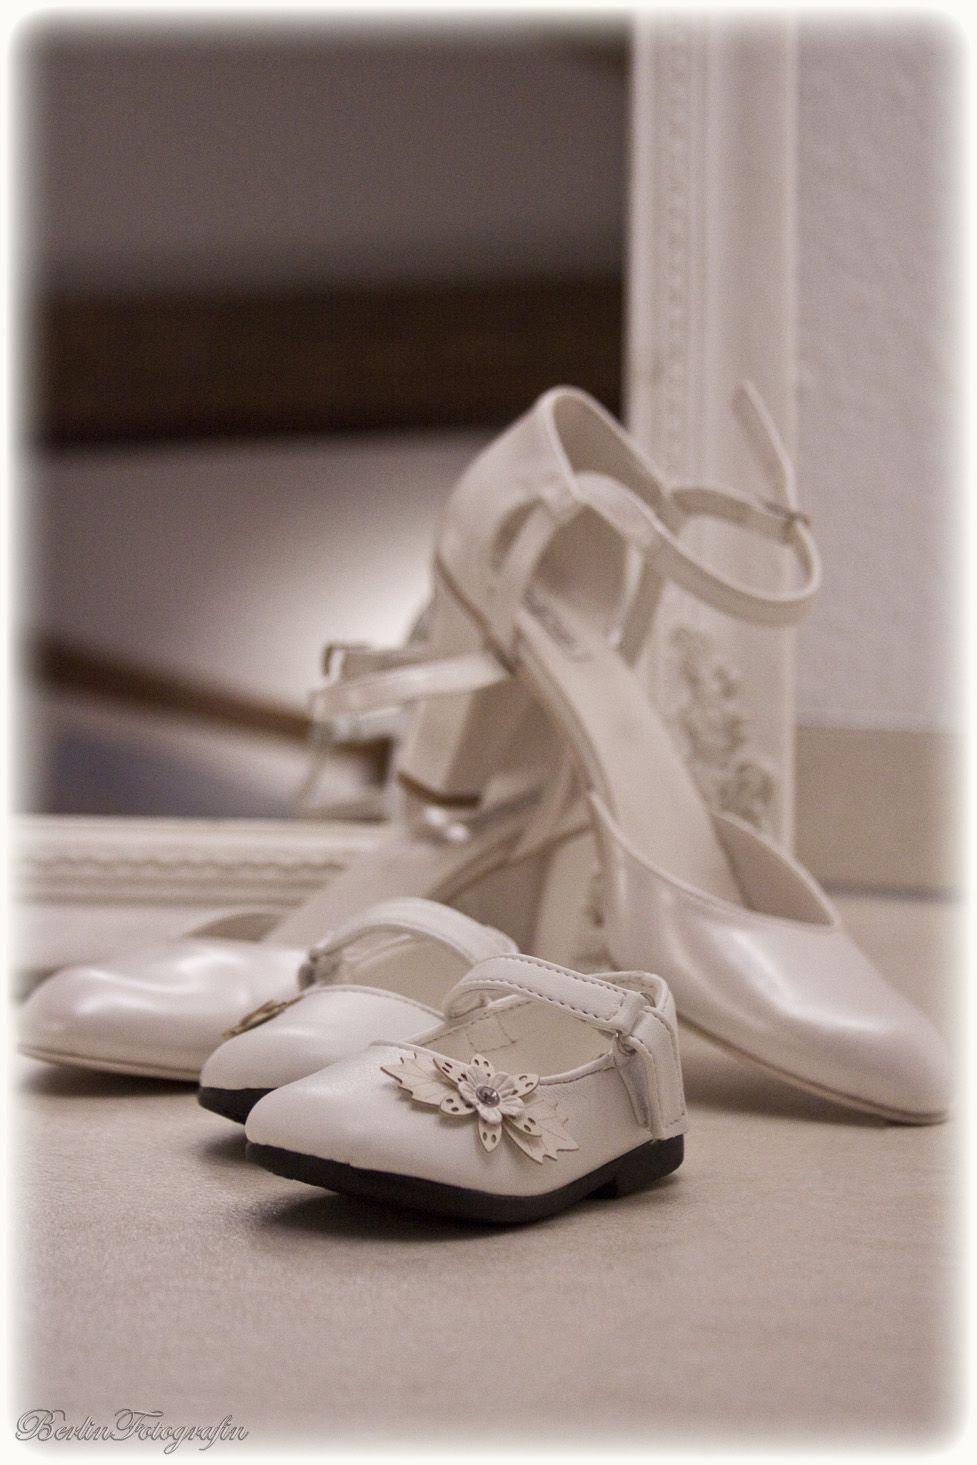 #Wedding #Hochzeit #Liebe pinned by #Hochzeitsfotografin www.berlinfotografin.de Foto Jana Farley | Follow me on www.facebook.com/pages/Berlin-Fotografin/304964096211572